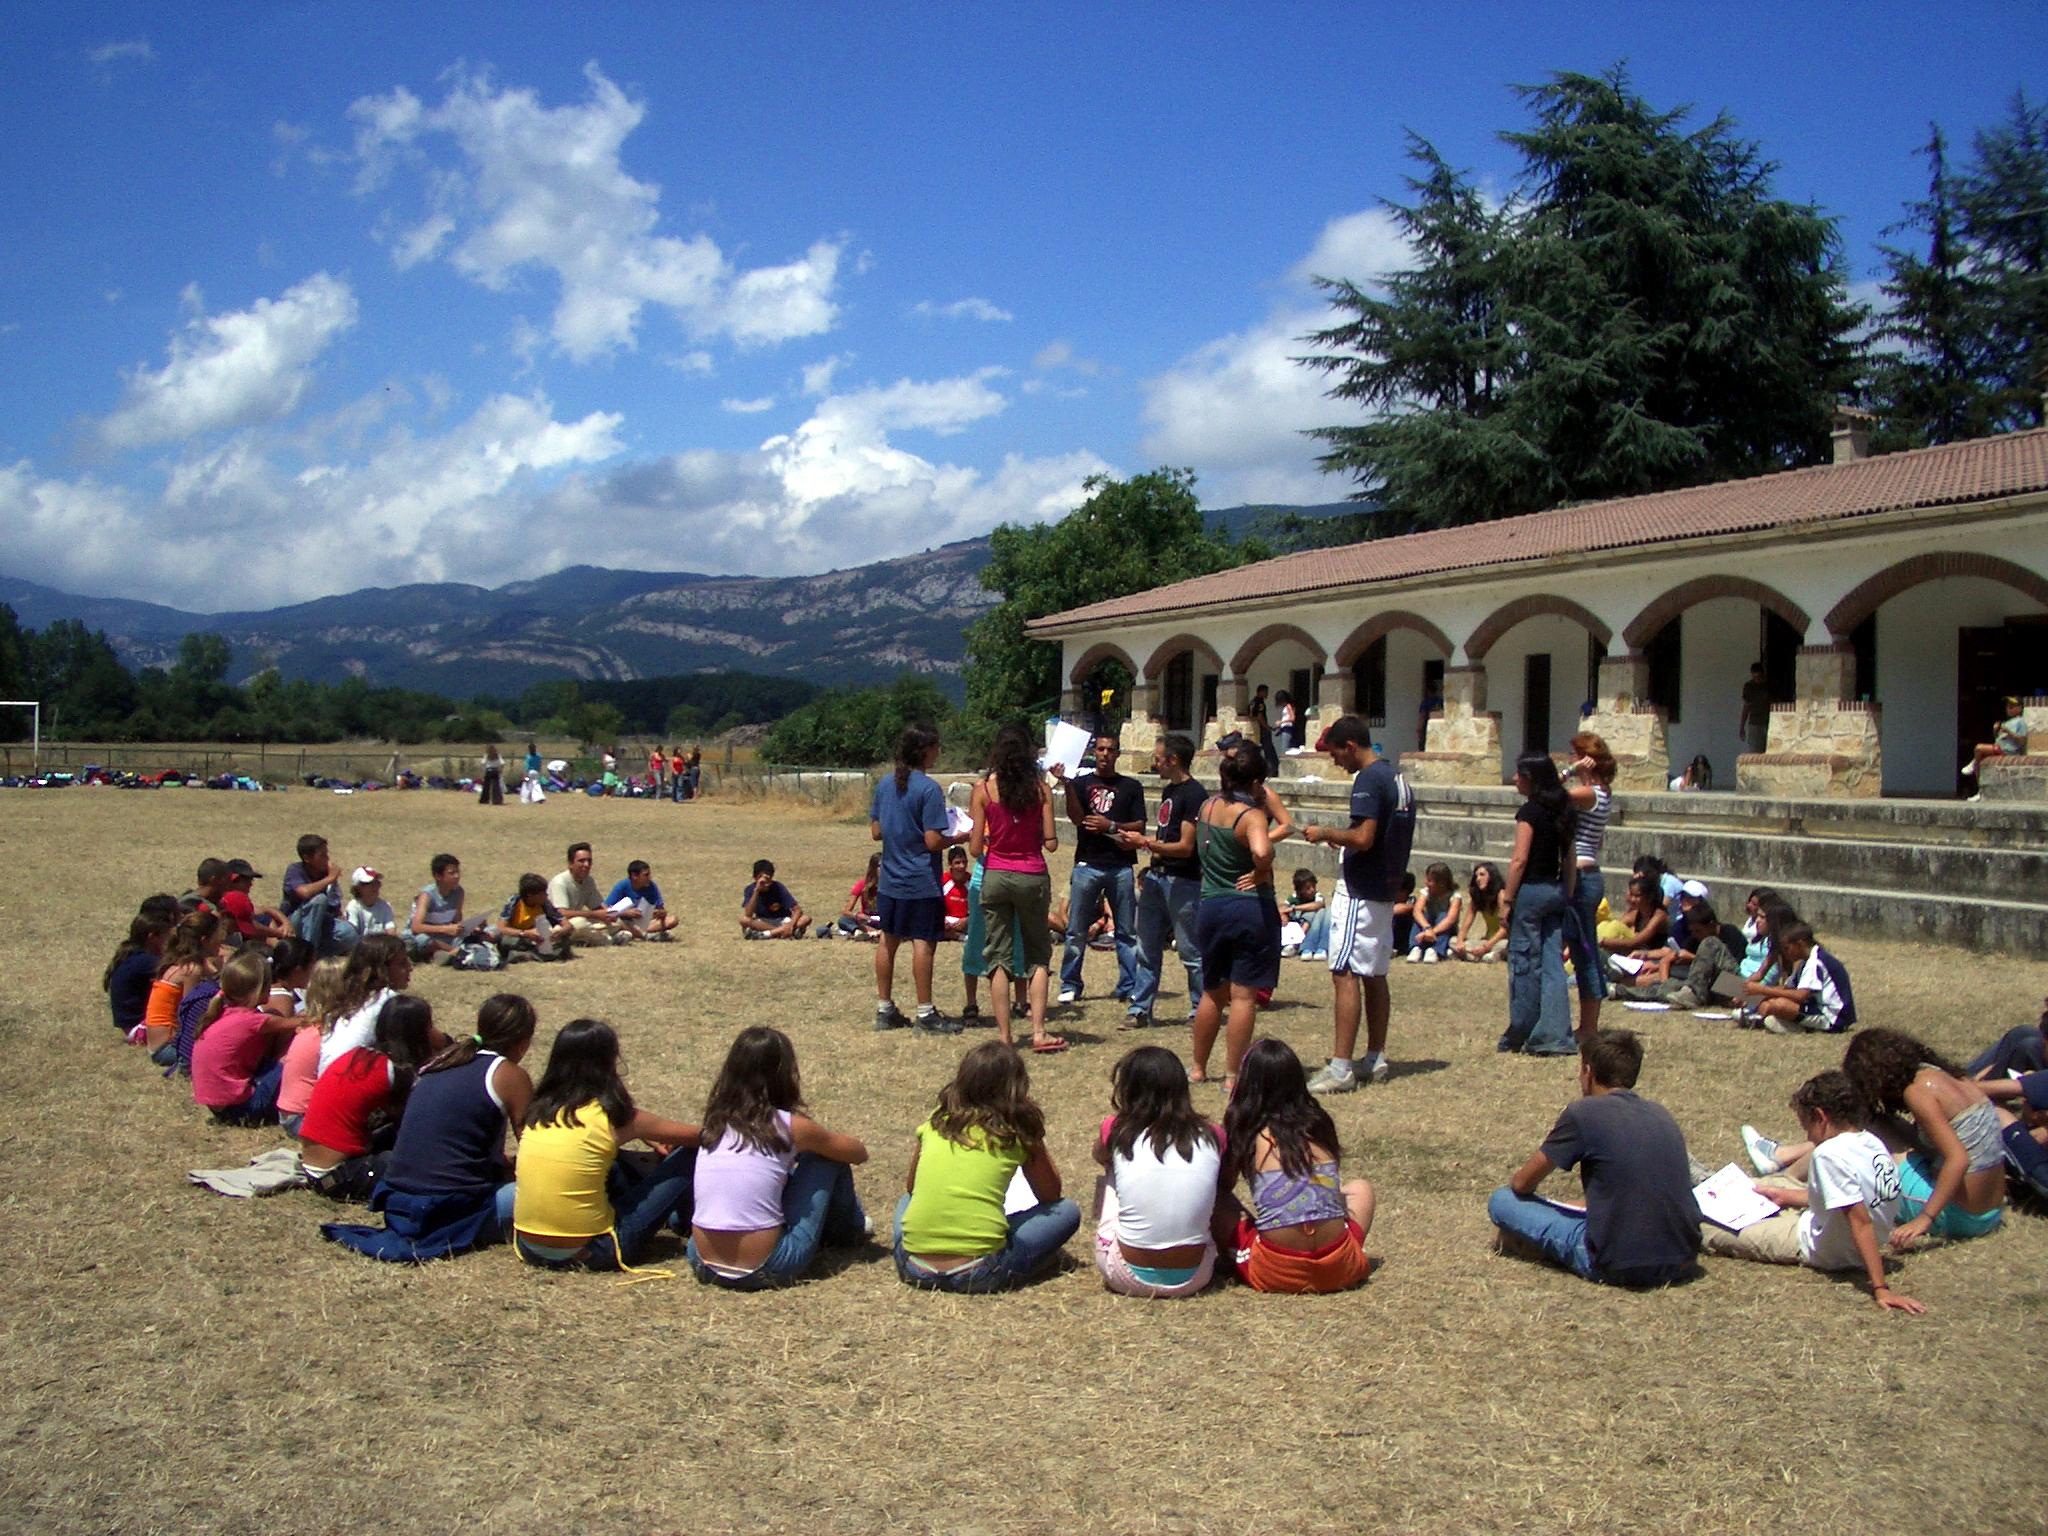 Campamentos de verano con inglés en España Navarra niños adolescentes jóvenes juegos Grupo Joven